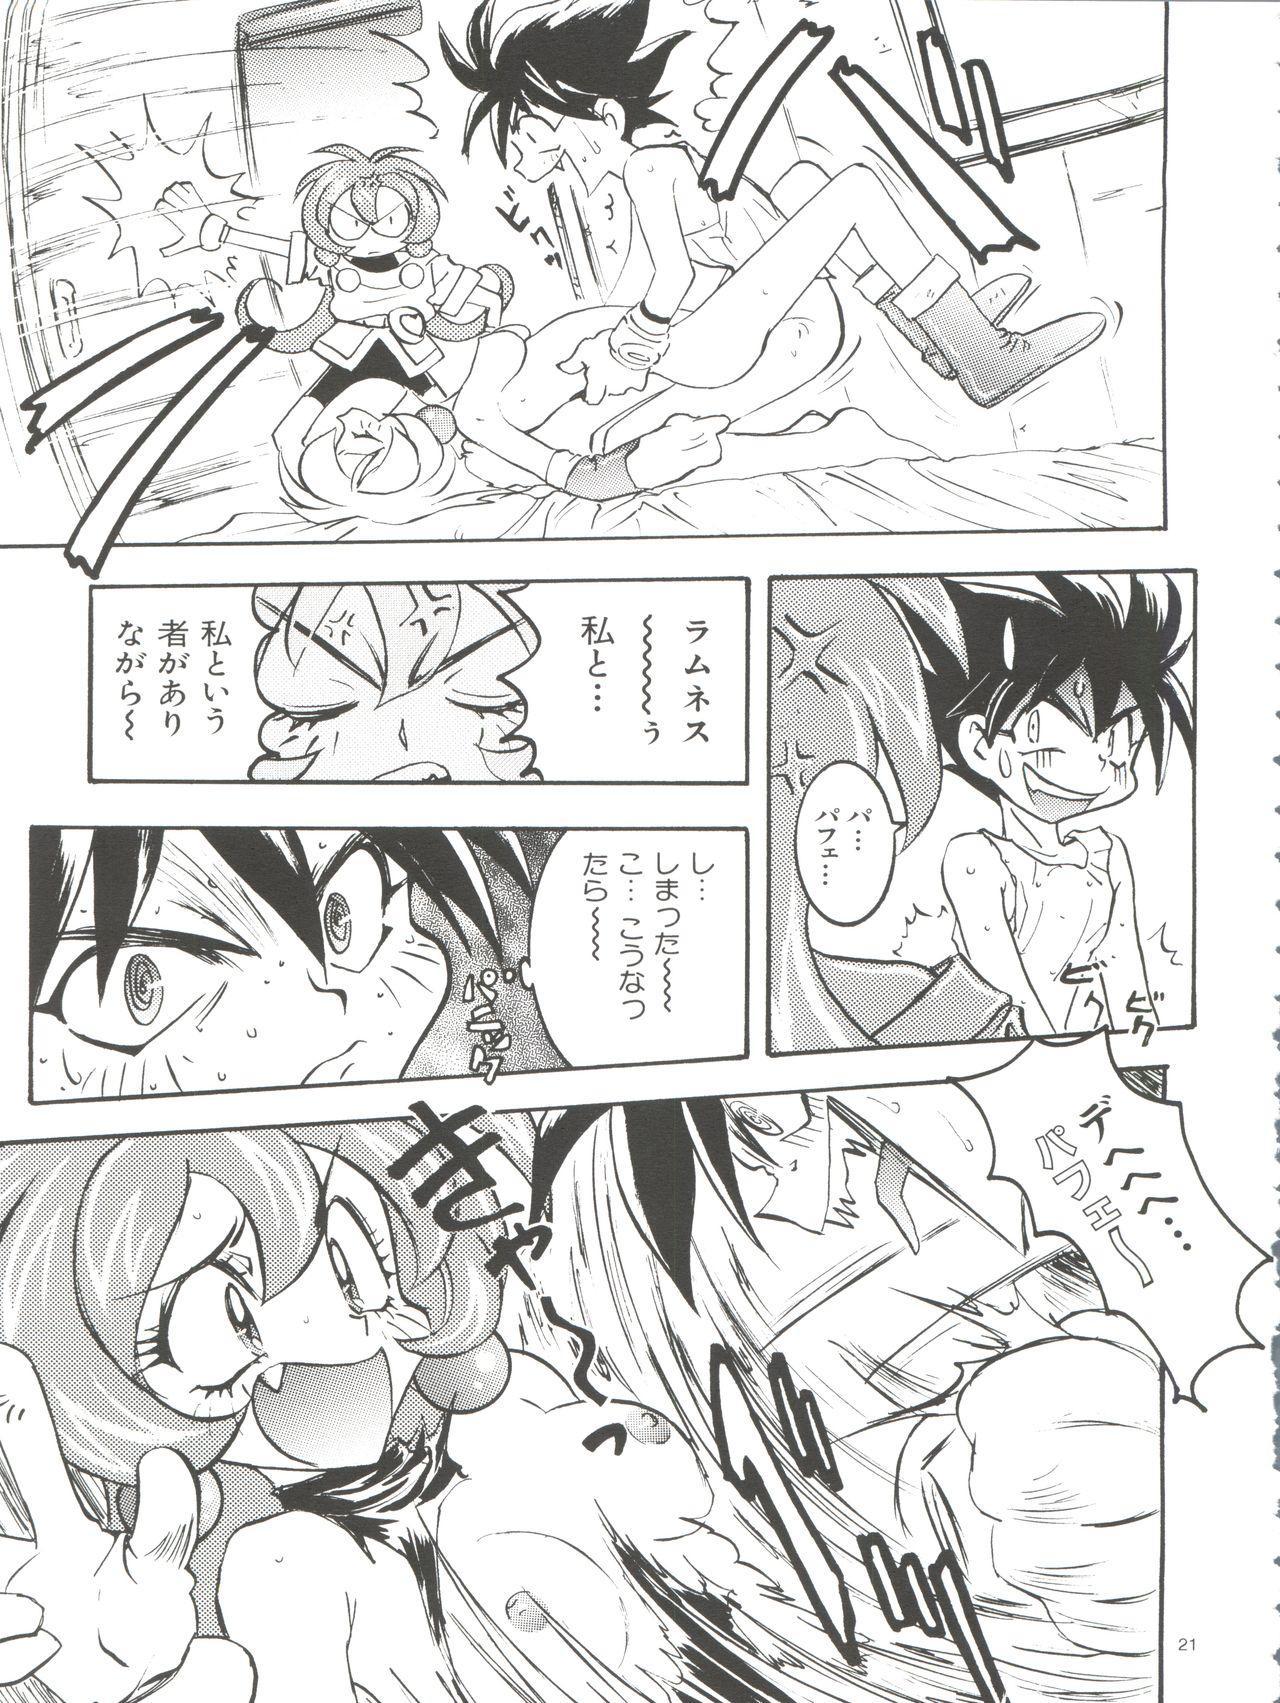 Wanpaku Anime Daihyakka Nanno Koto Jisensyuu Vol. 1 22